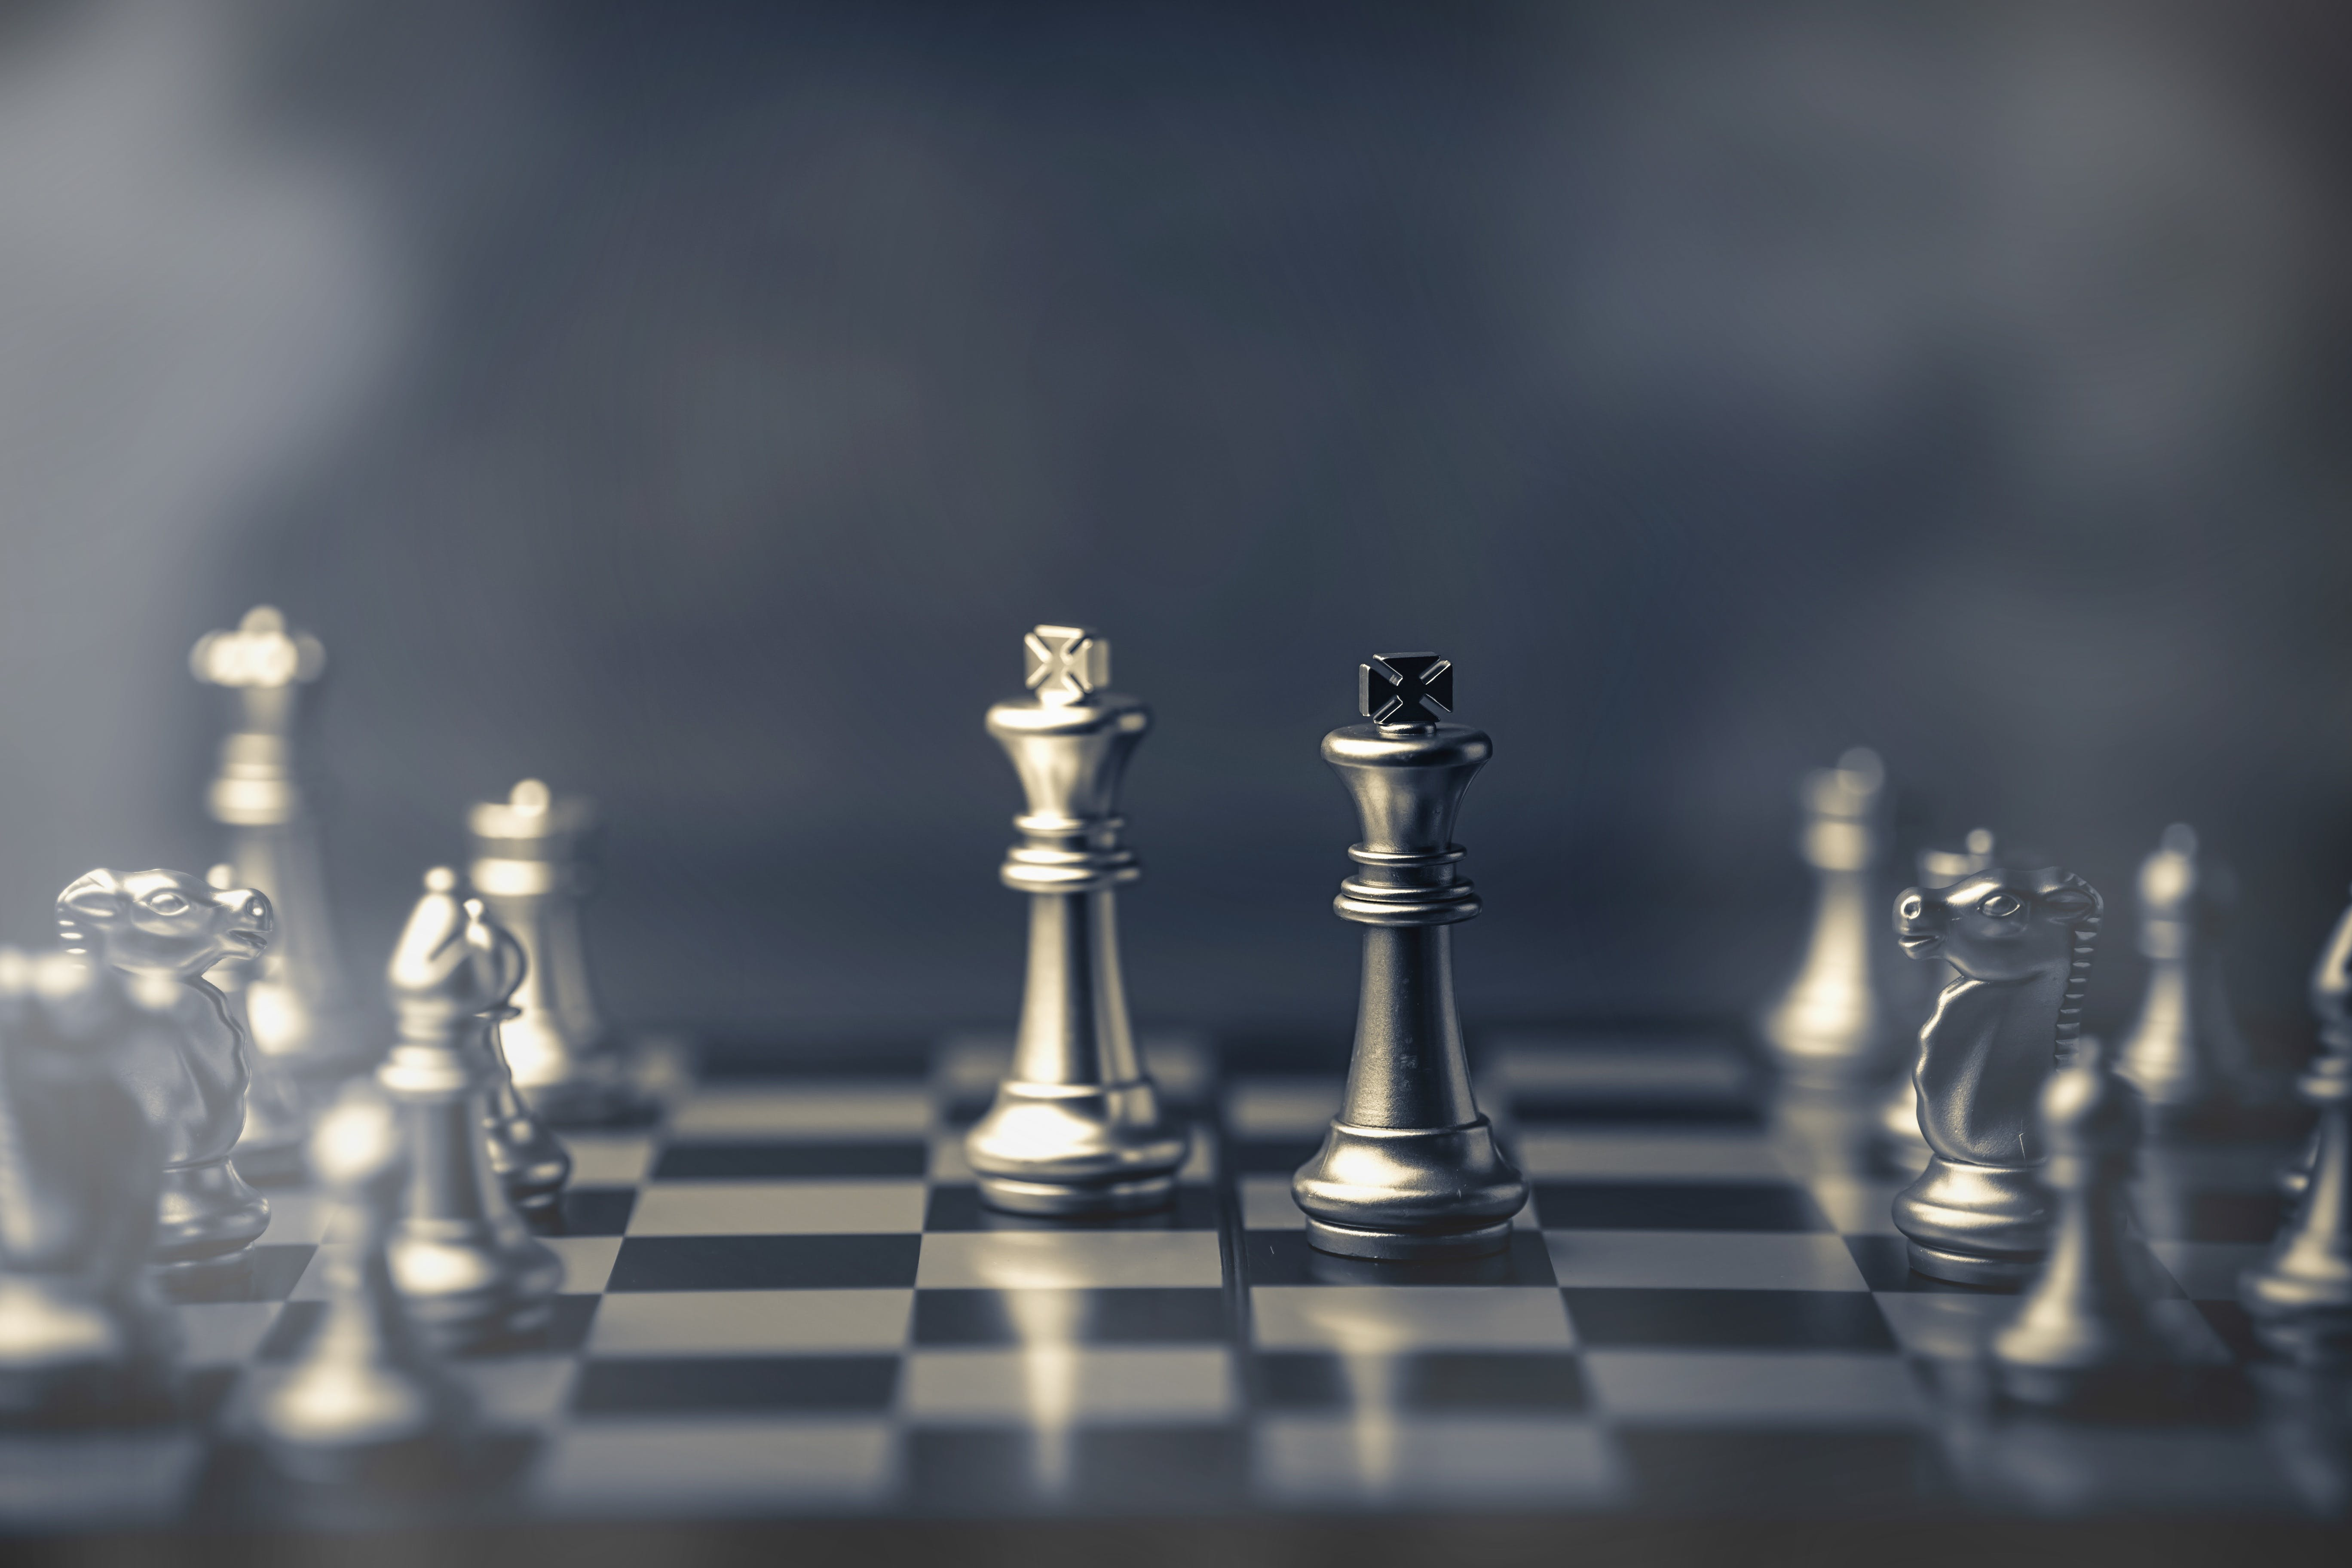 Titelbild-Strategie-Weiterbildung-Schach-Schachbrett-Schachfigur-shutterstock-whyframe